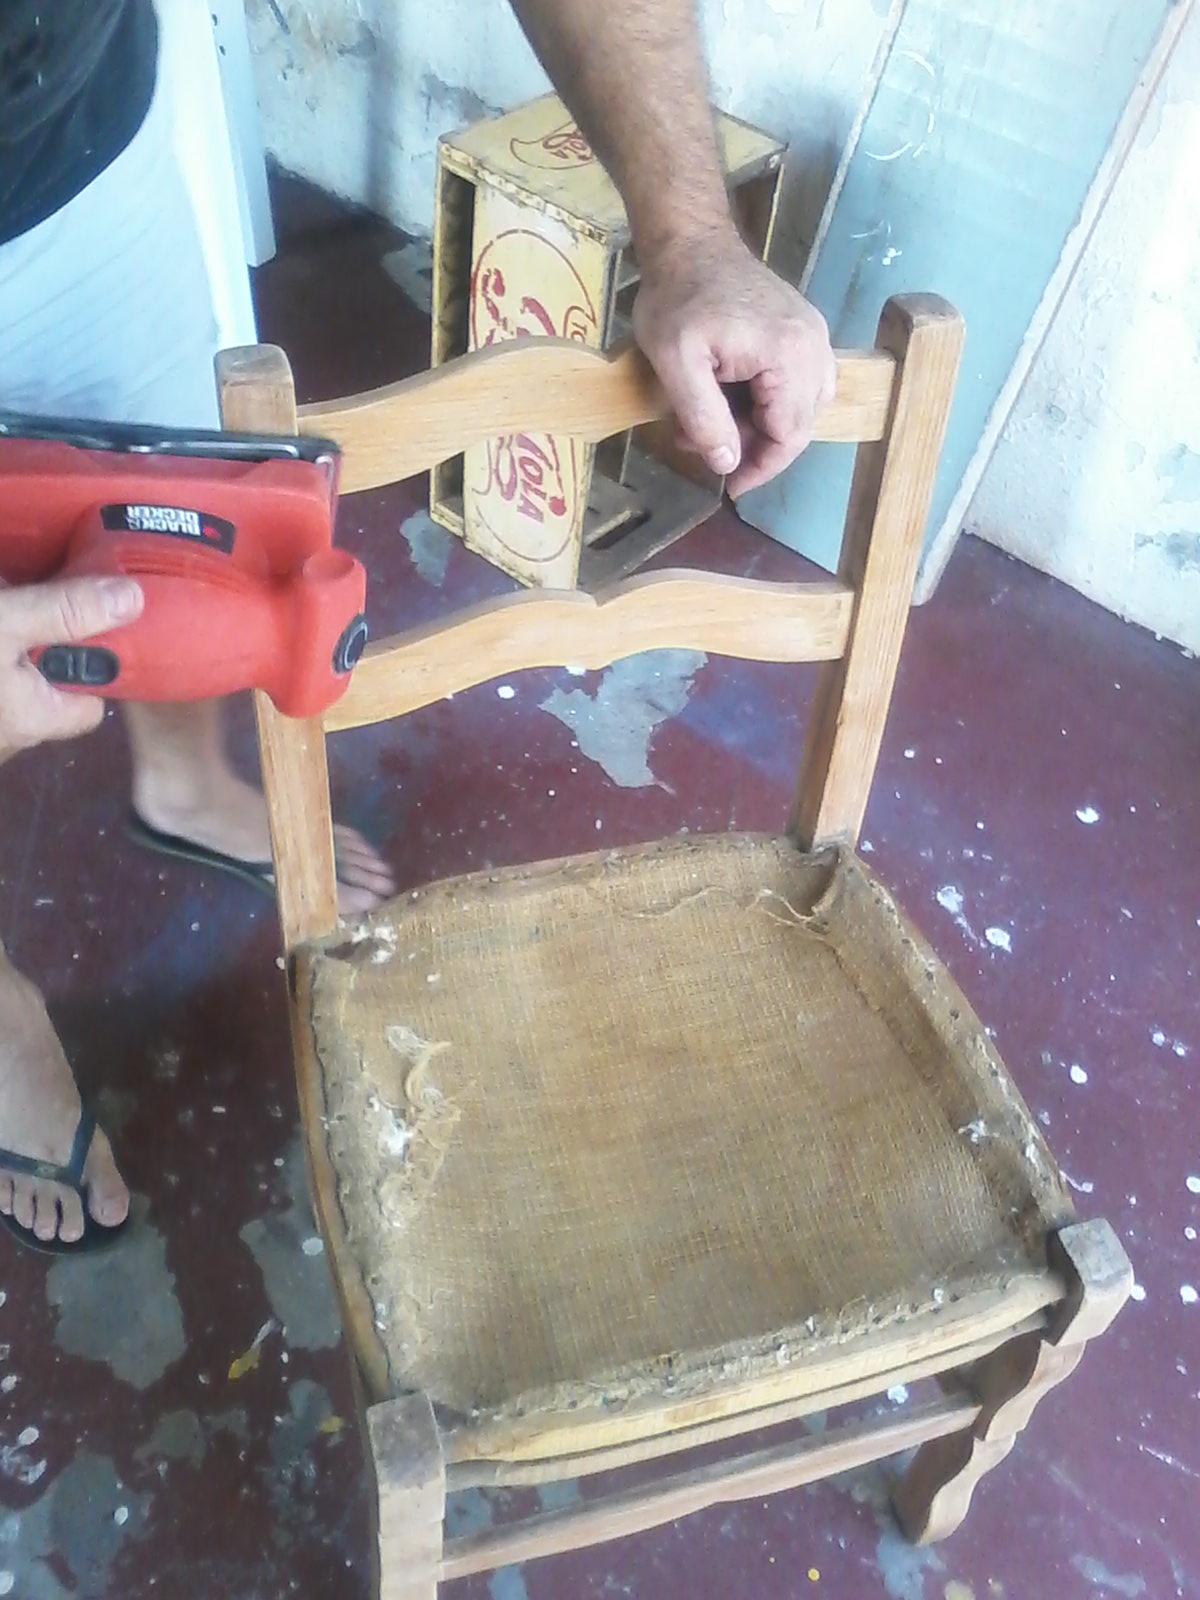 revestimento antigo serviu de molde pra cortar o pano novo. #397492 1200x1600